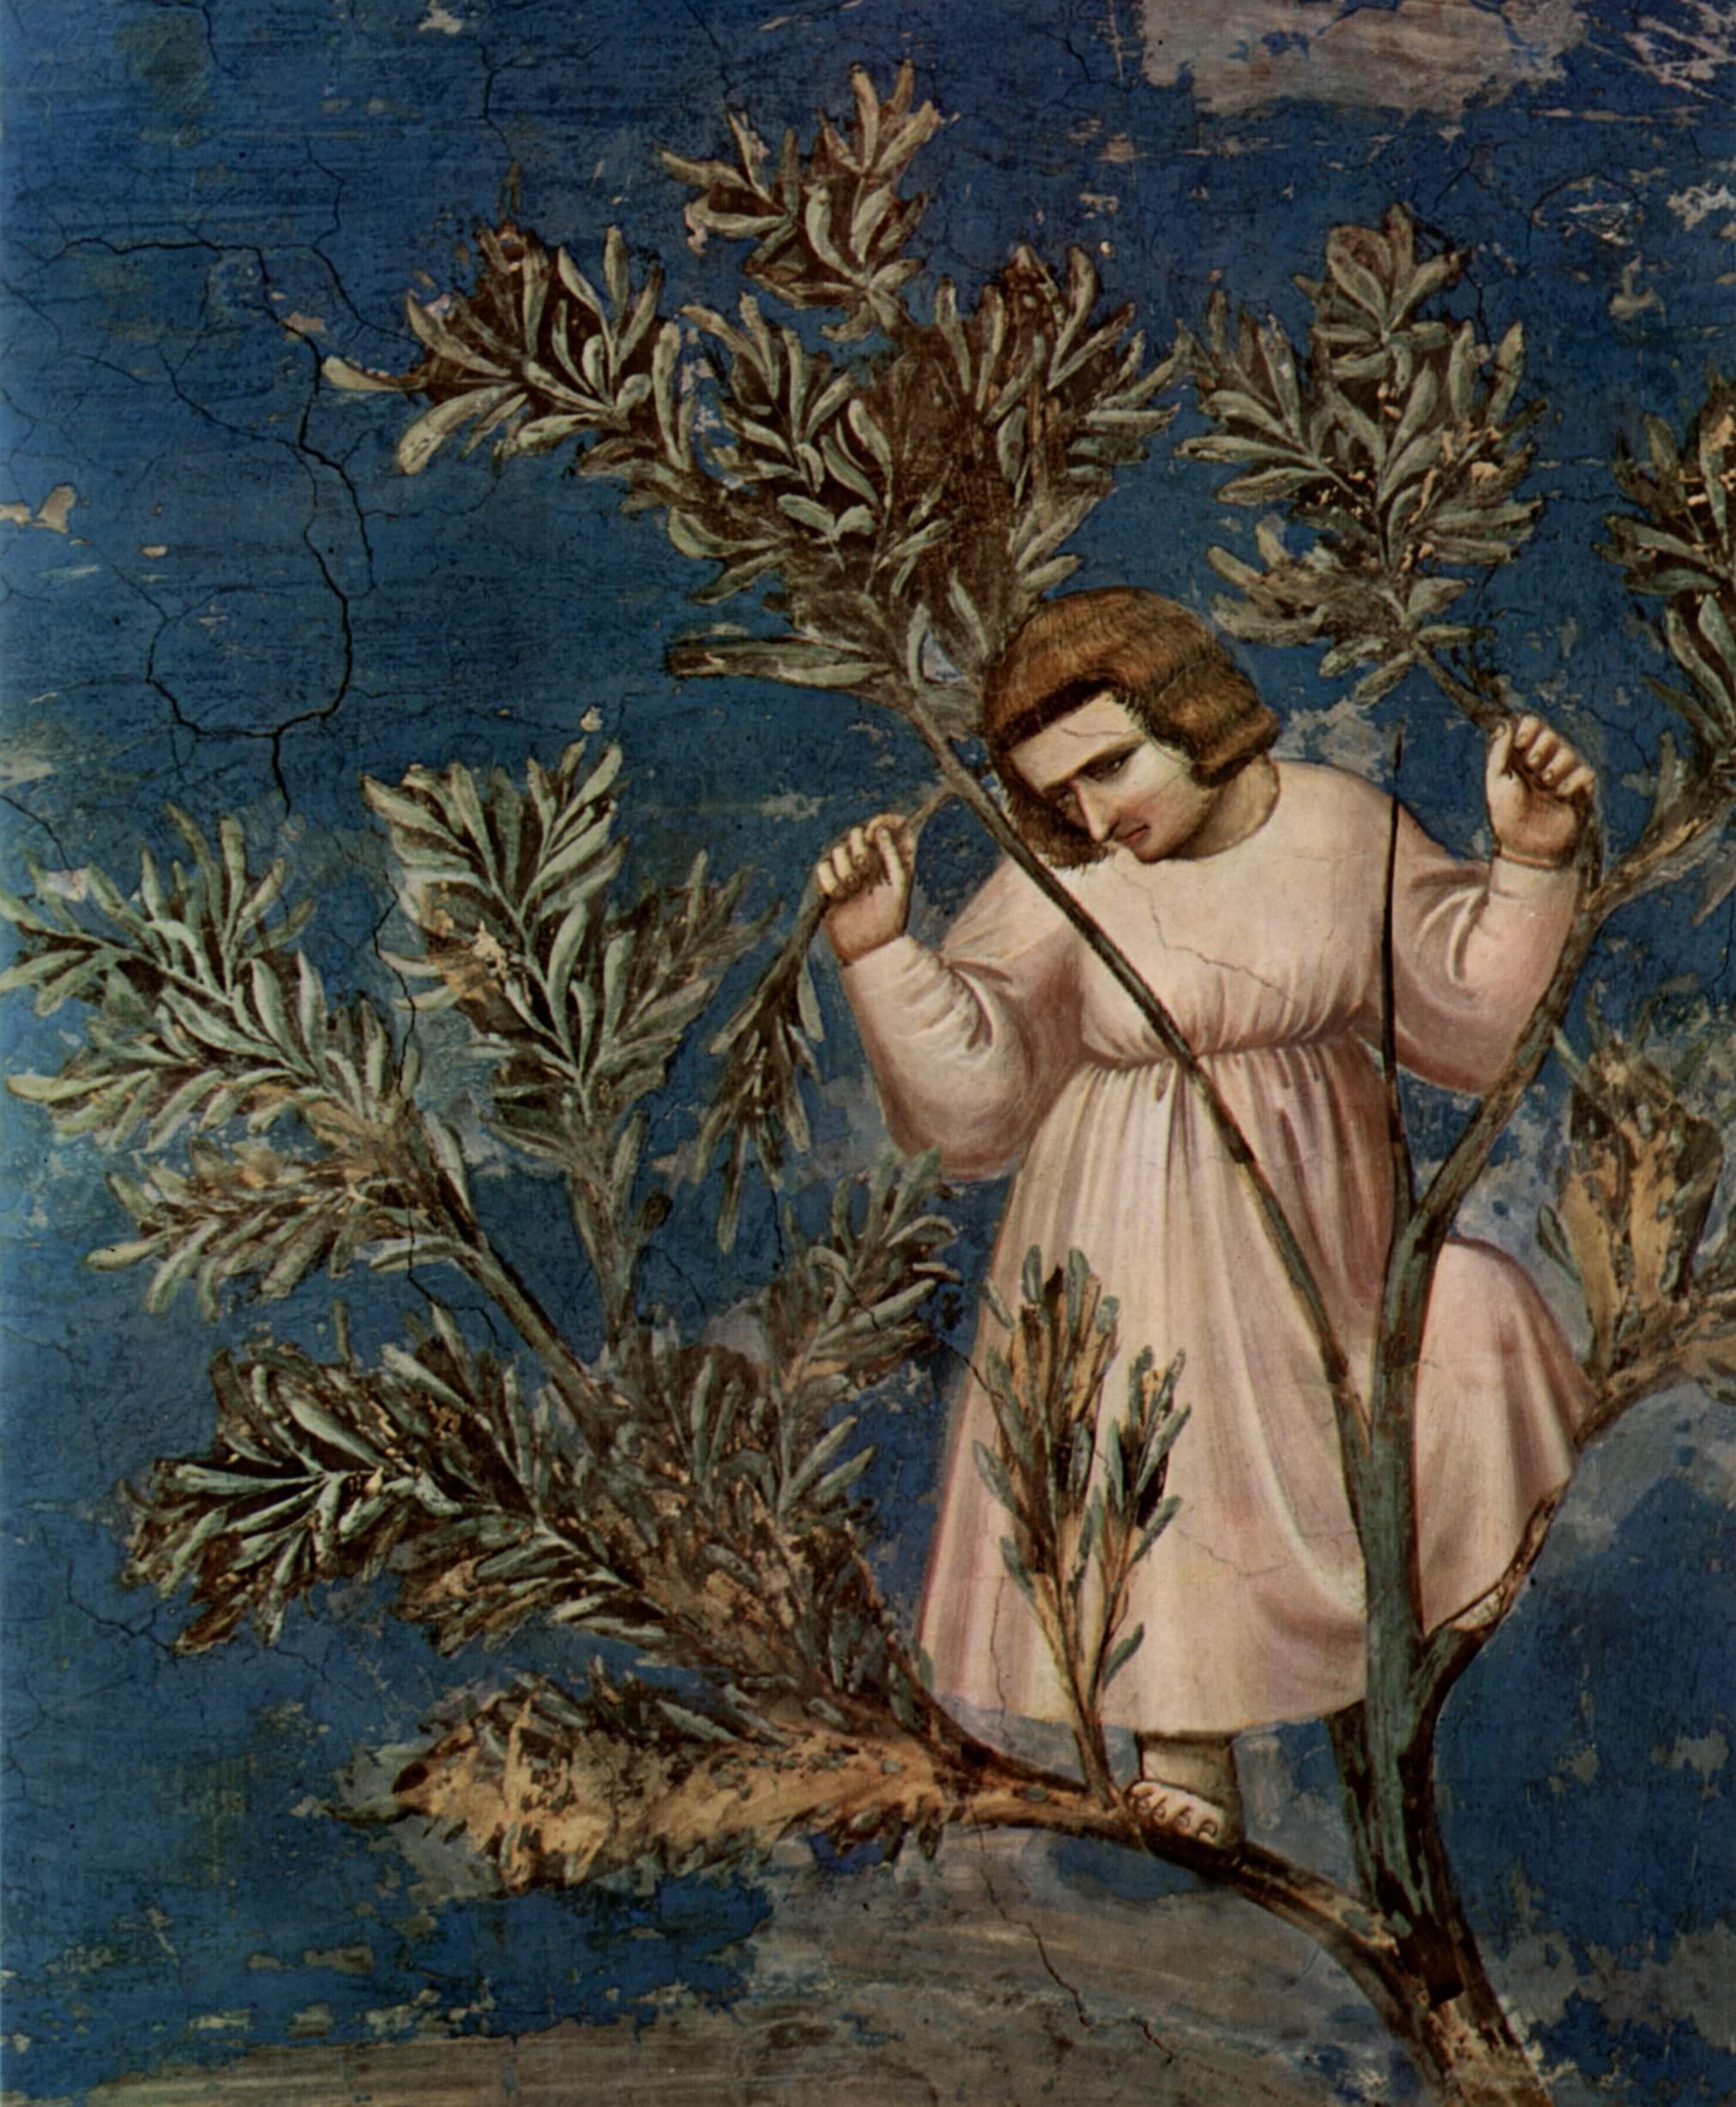 Цикл фресок капеллы Арена [29] в Падуе (капелла Скровеньи). Въезд в Иерусалим. Фрагмент, Джотто ди Бондоне